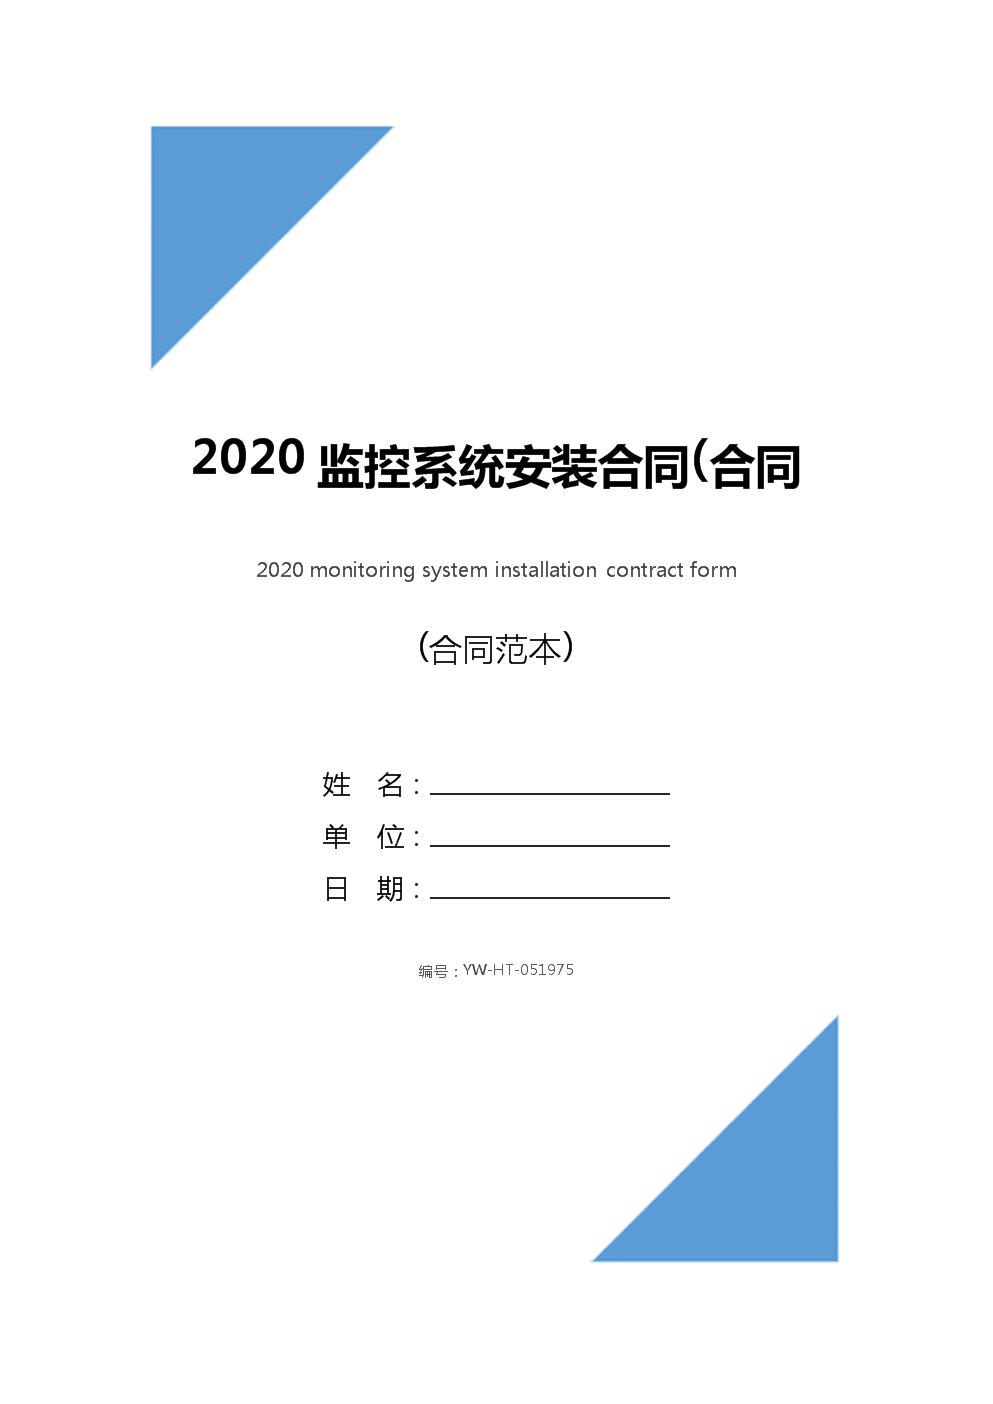 2020监控系统安装合同(合同示范文本).docx